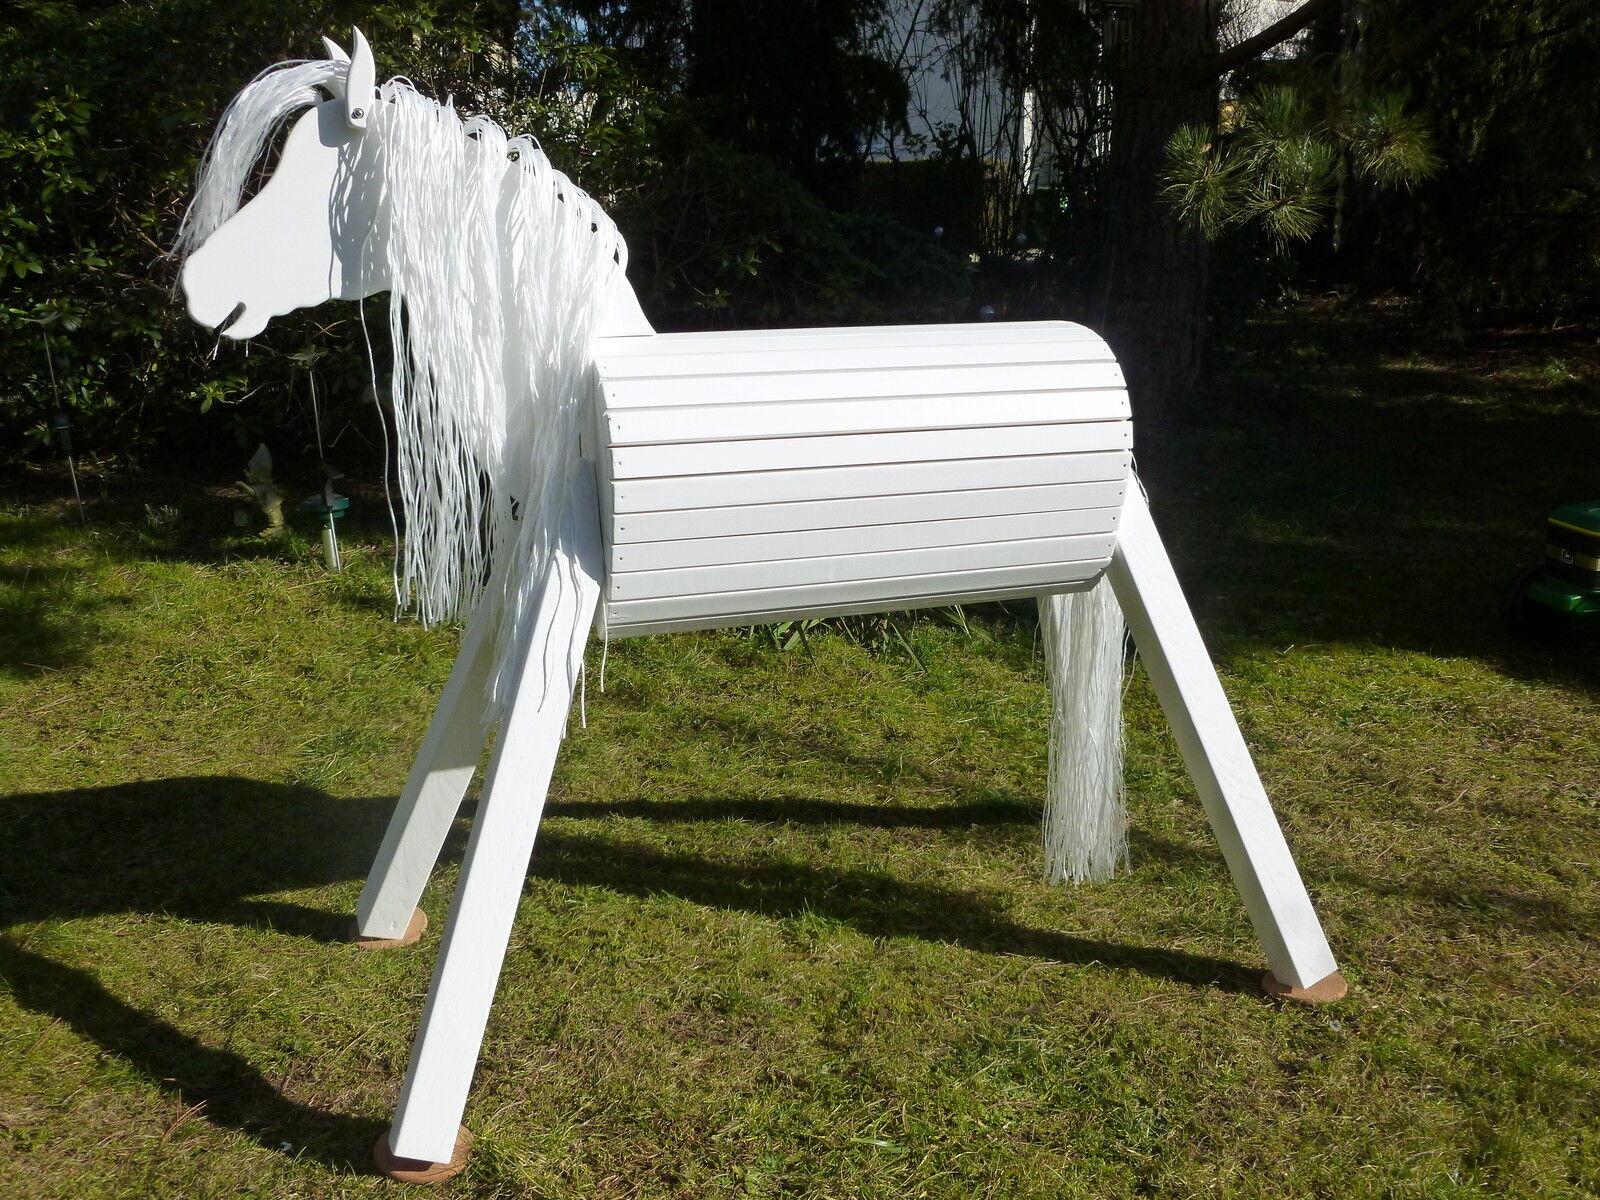 110cm Holzpferd Voltigierpferd Pony Pferd Lipizzaner mit Maul weiß NEU